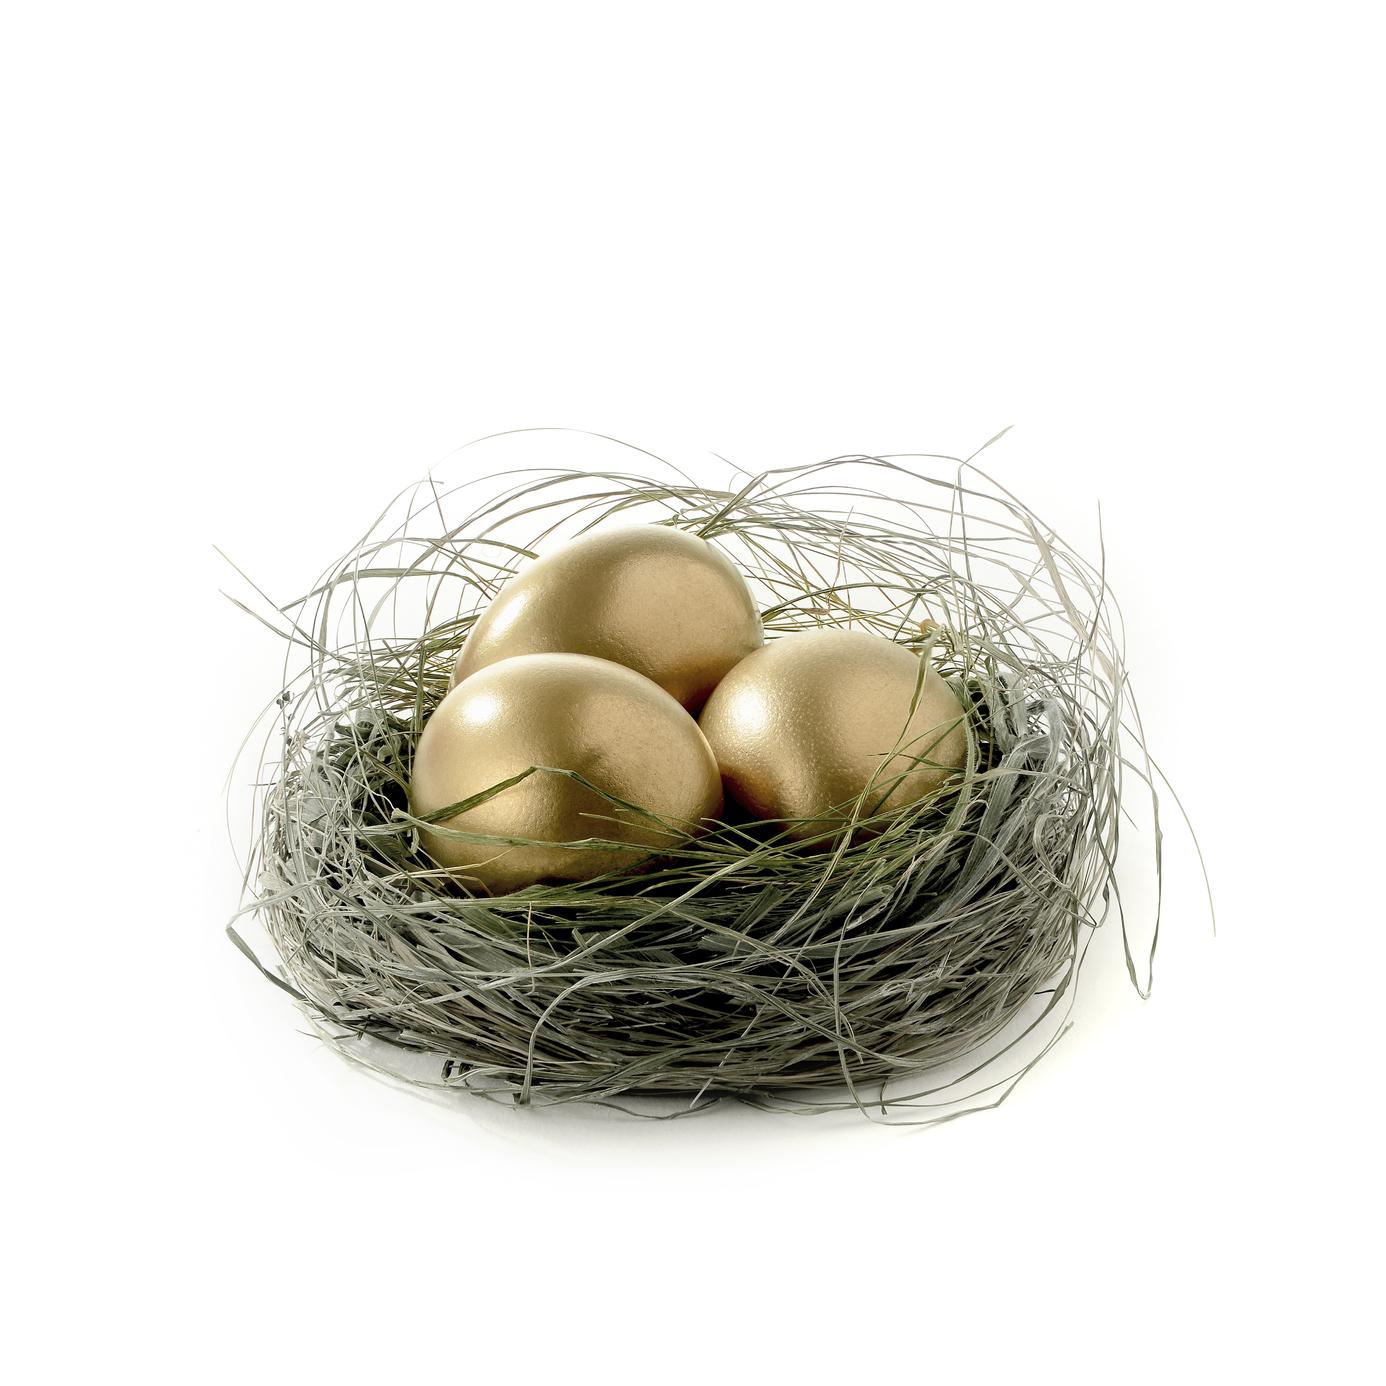 申请创业贷款需要什么条件